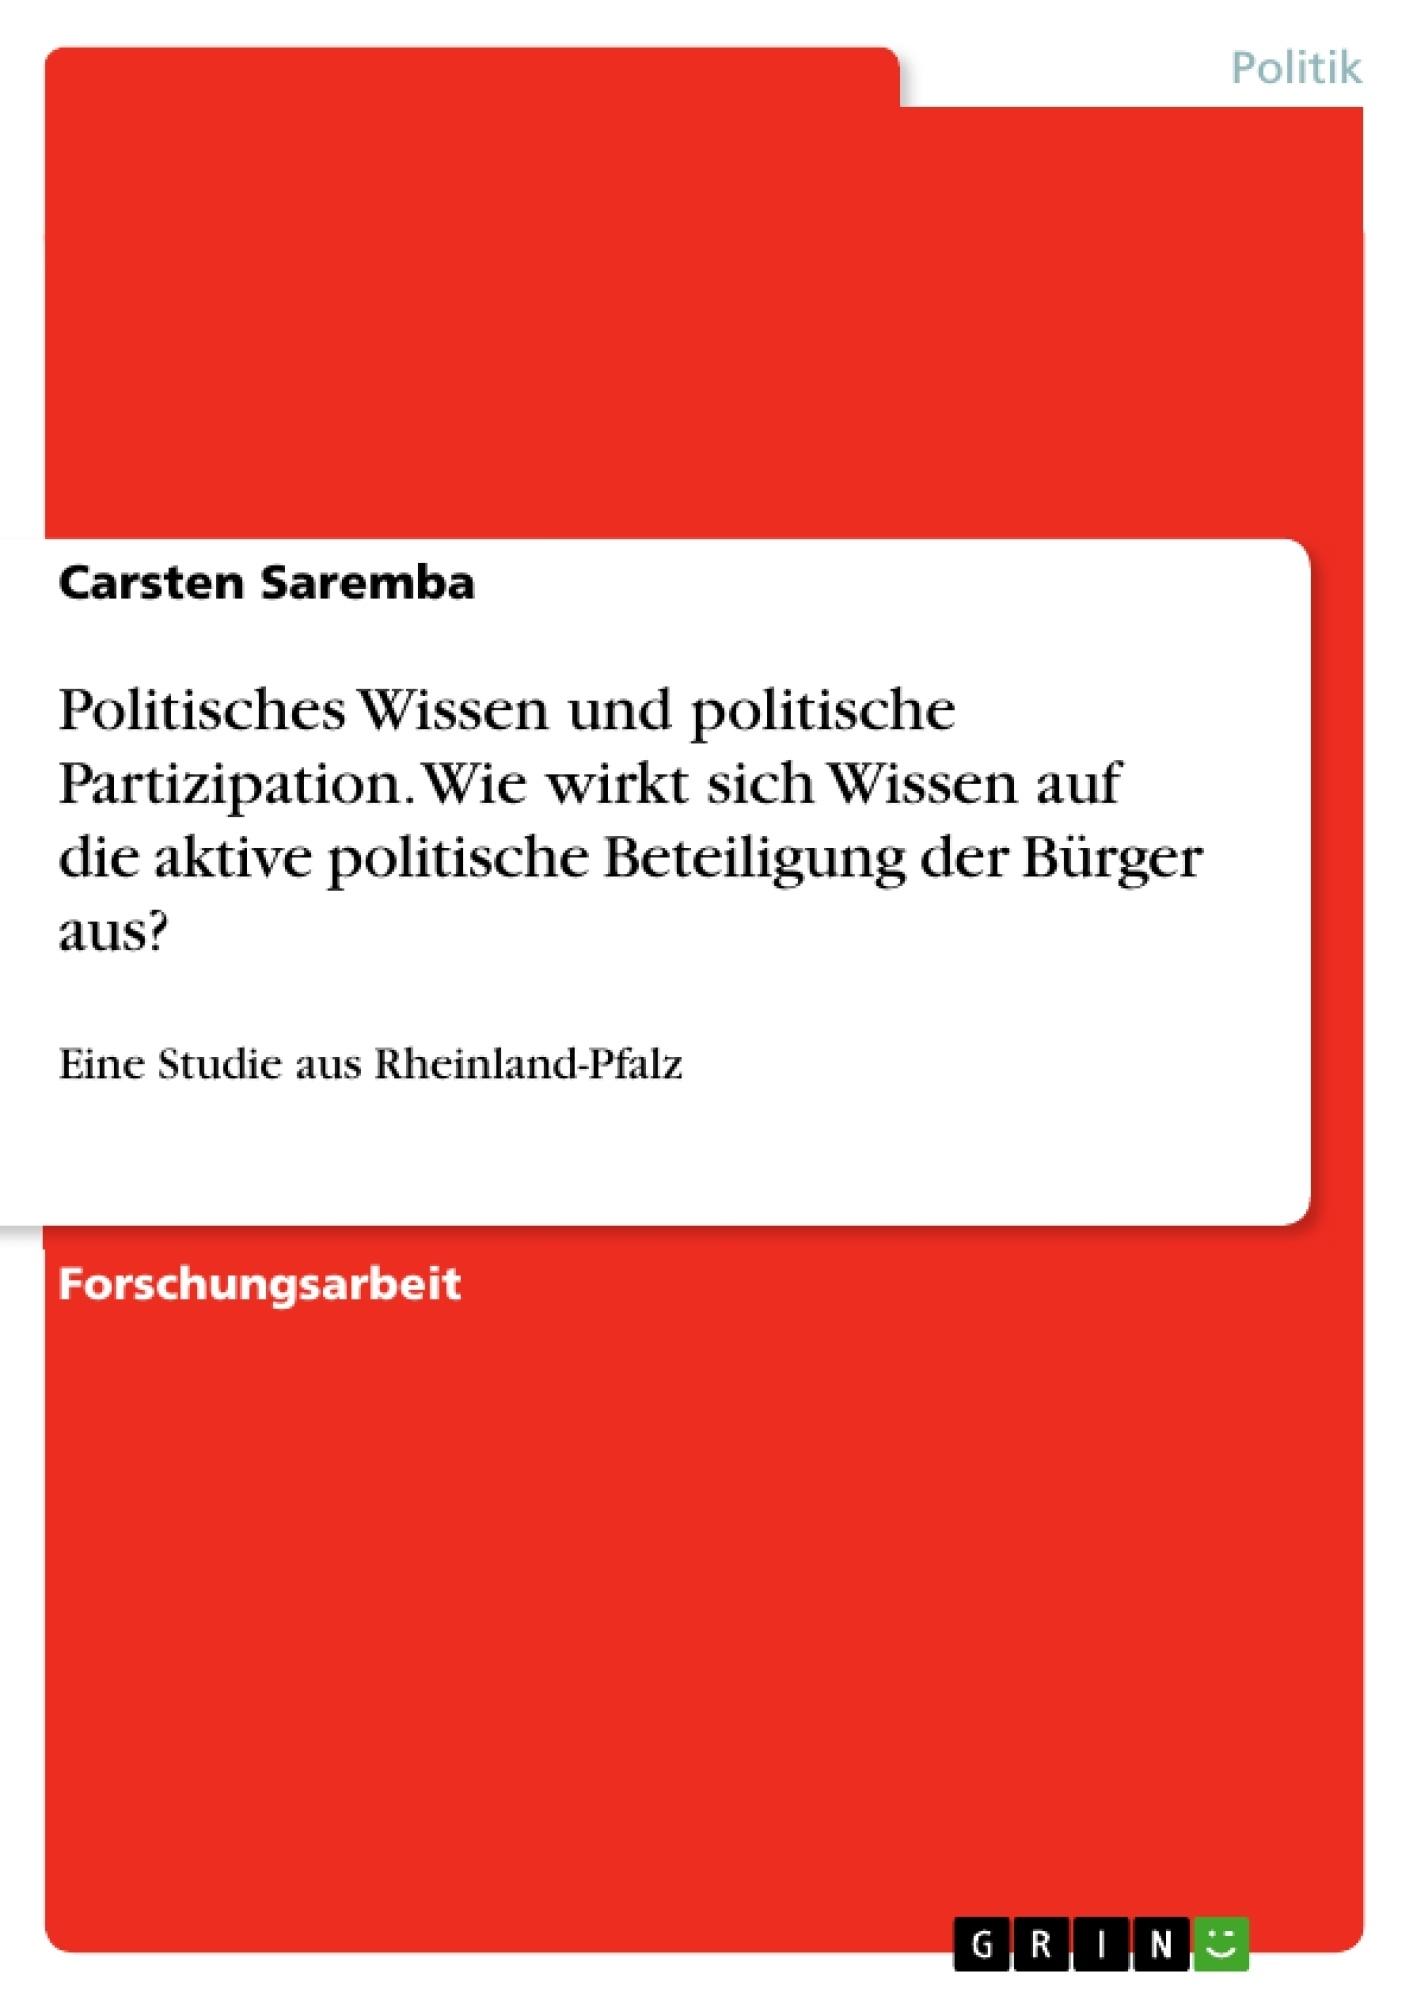 Titel: Politisches Wissen und politische Partizipation. Wie wirkt sich Wissen auf die aktive politische Beteiligung der Bürger aus?